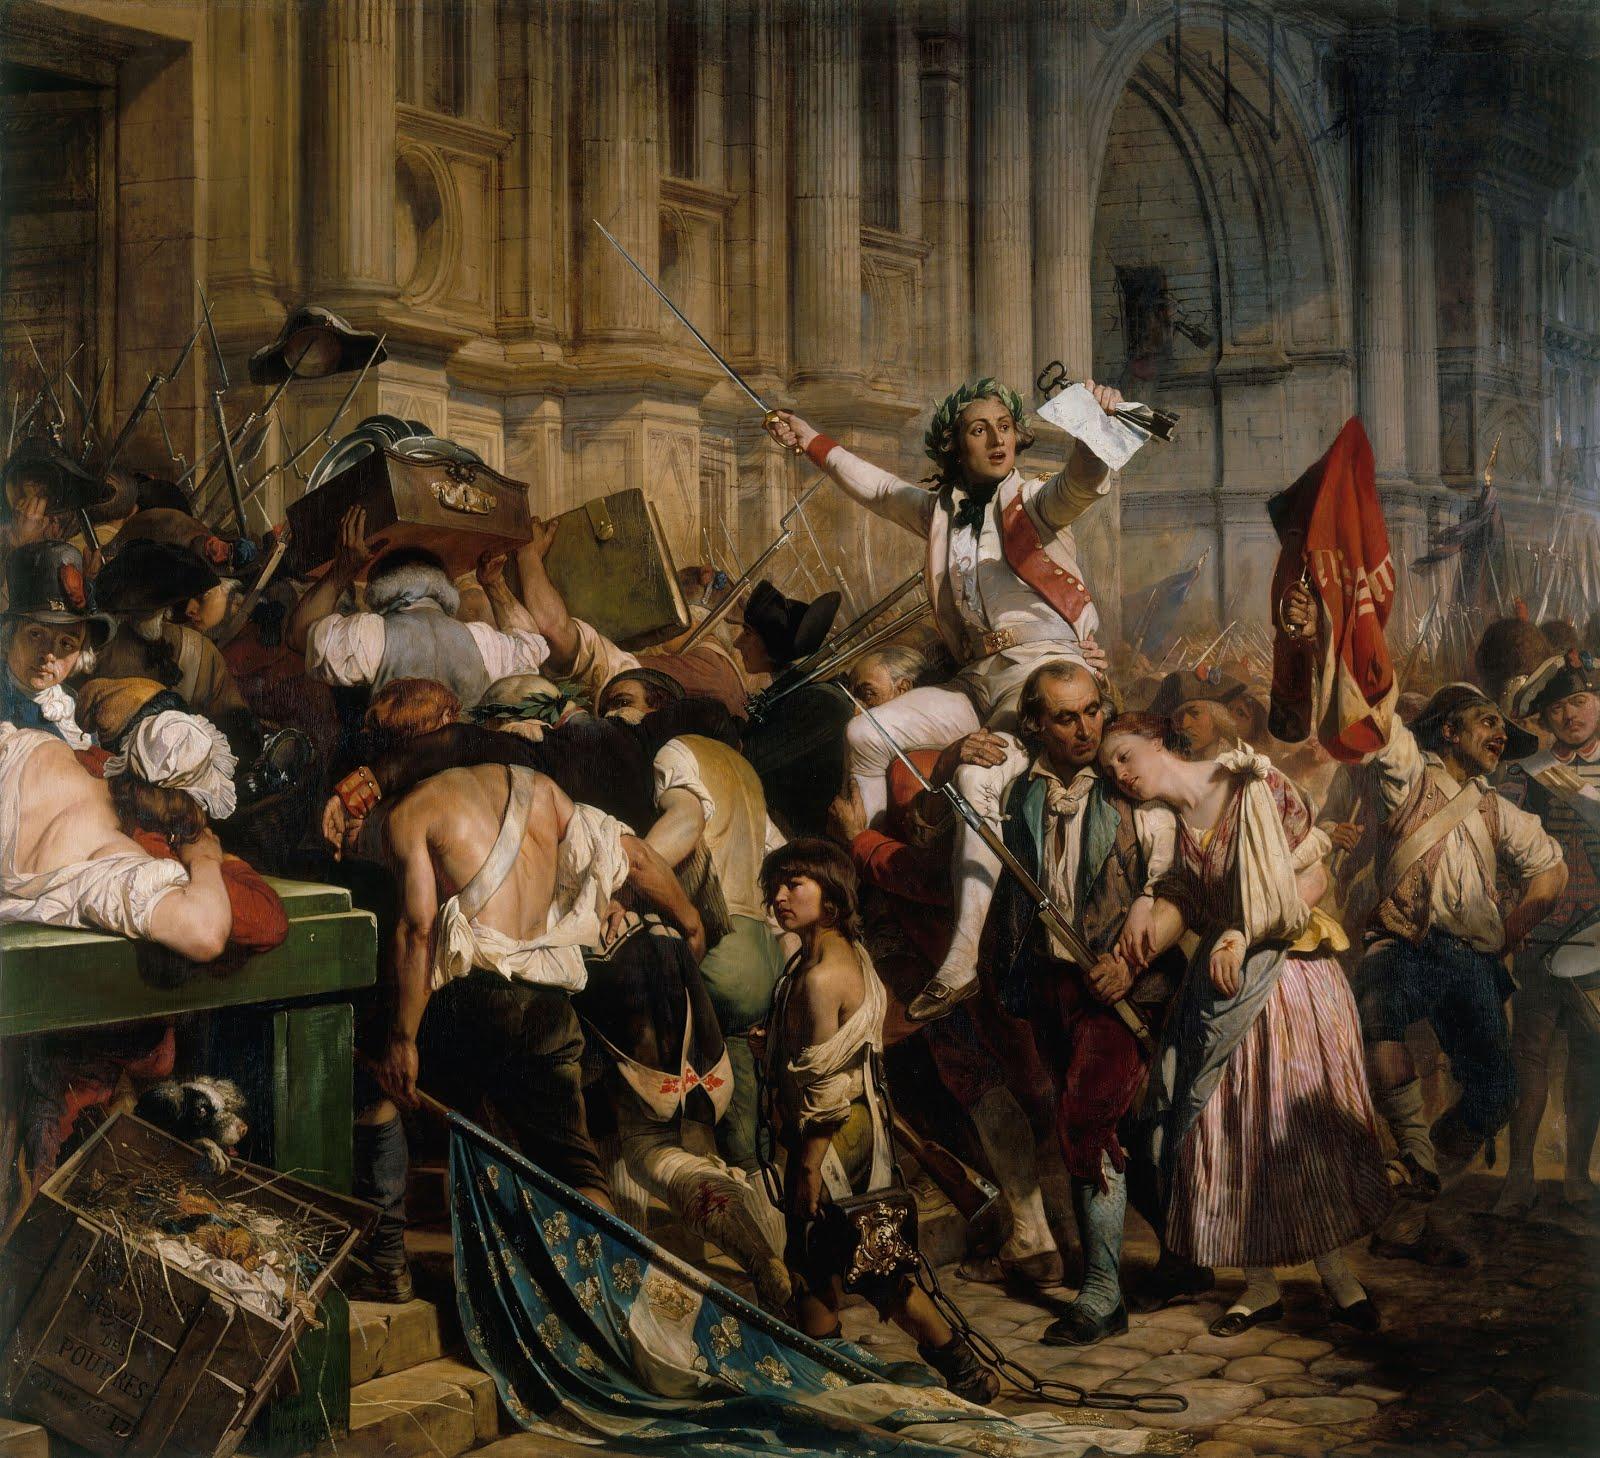 Поль Деларош. Победители Бастили перед отелем Де Виль 14 июля 1789, между 1830 и 1838 гг